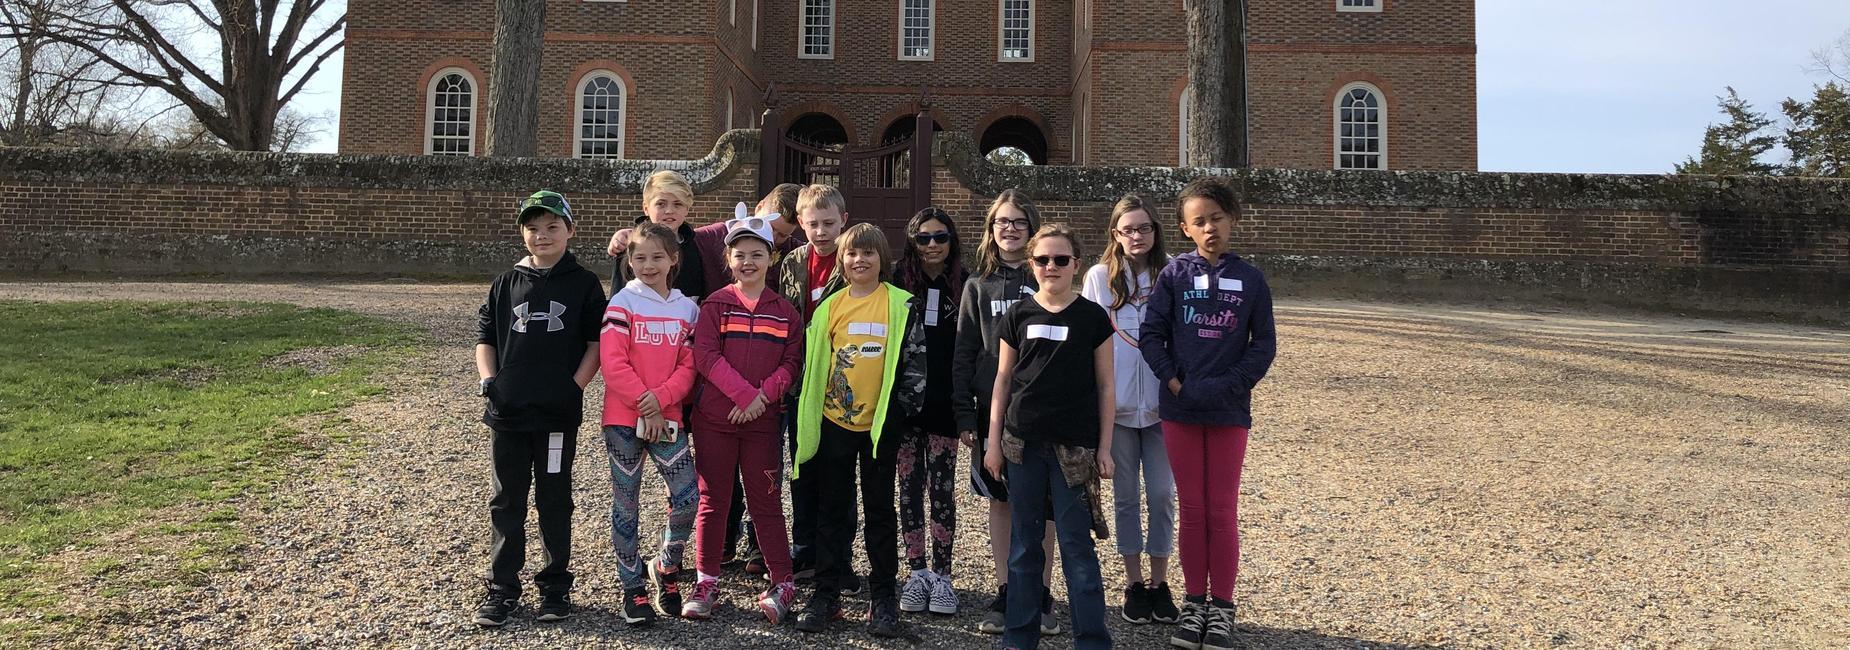 Students at Williamsburg